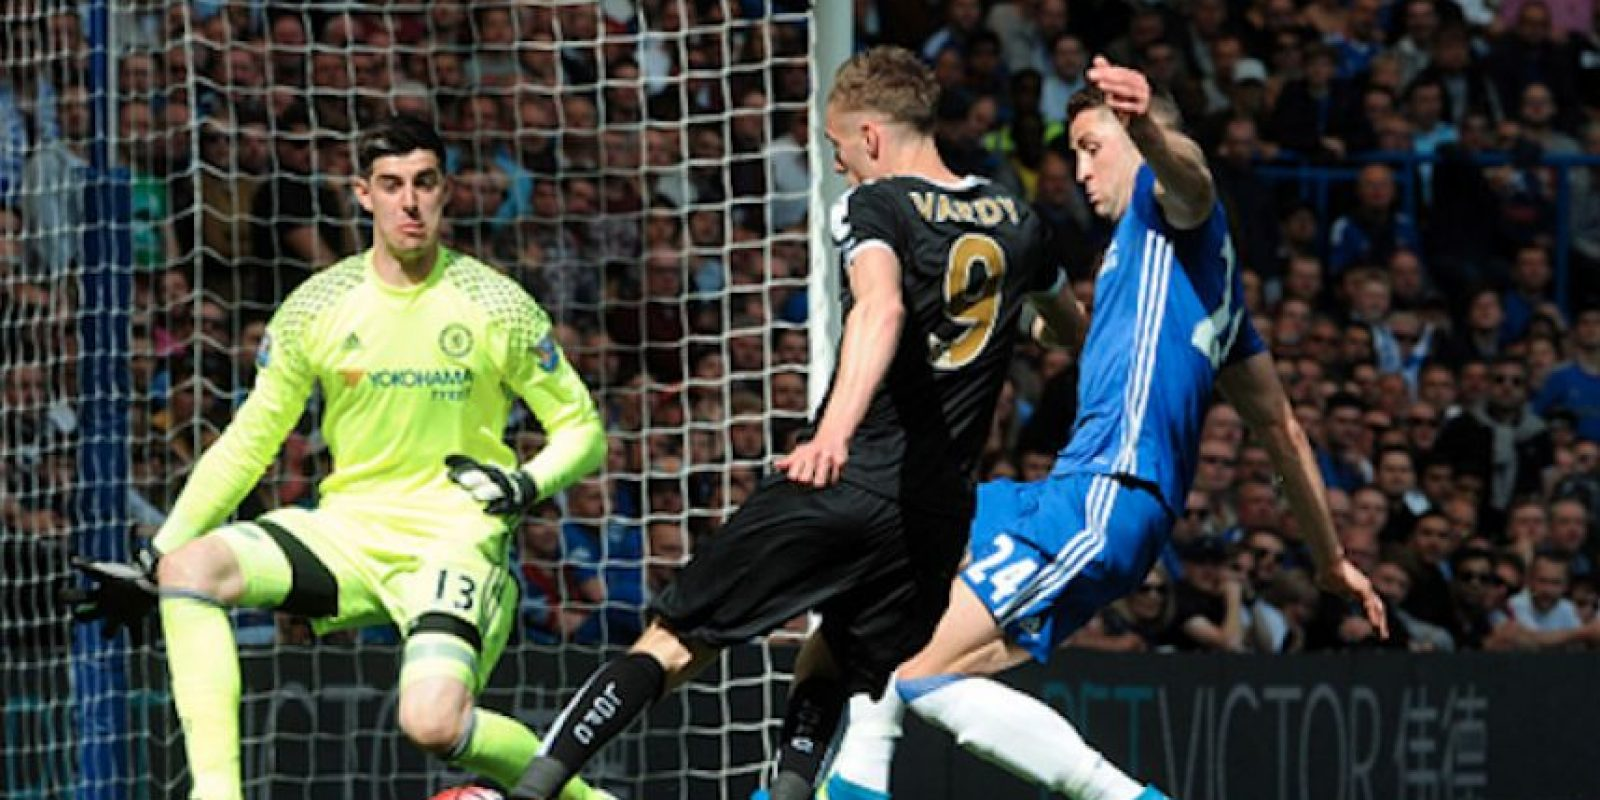 Jamie Vardy no pudo anotar el gol que lo convirtiera en la Bota de Oro de la Premier League. Foto:Getty Images